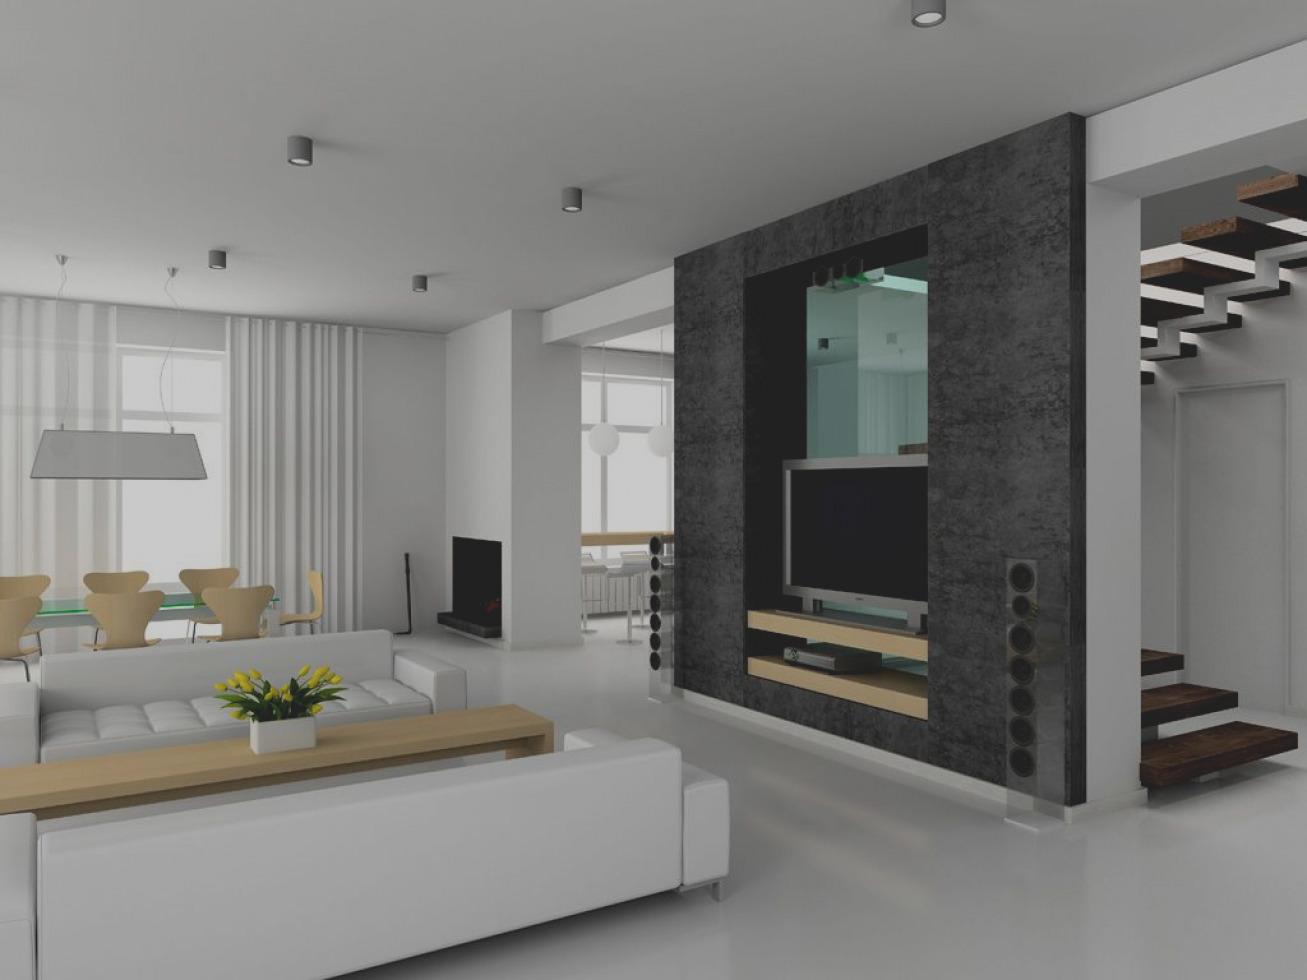 Inspiraci n diseno de salas minimalistas pequenas for Decoracion interior de casas minimalistas